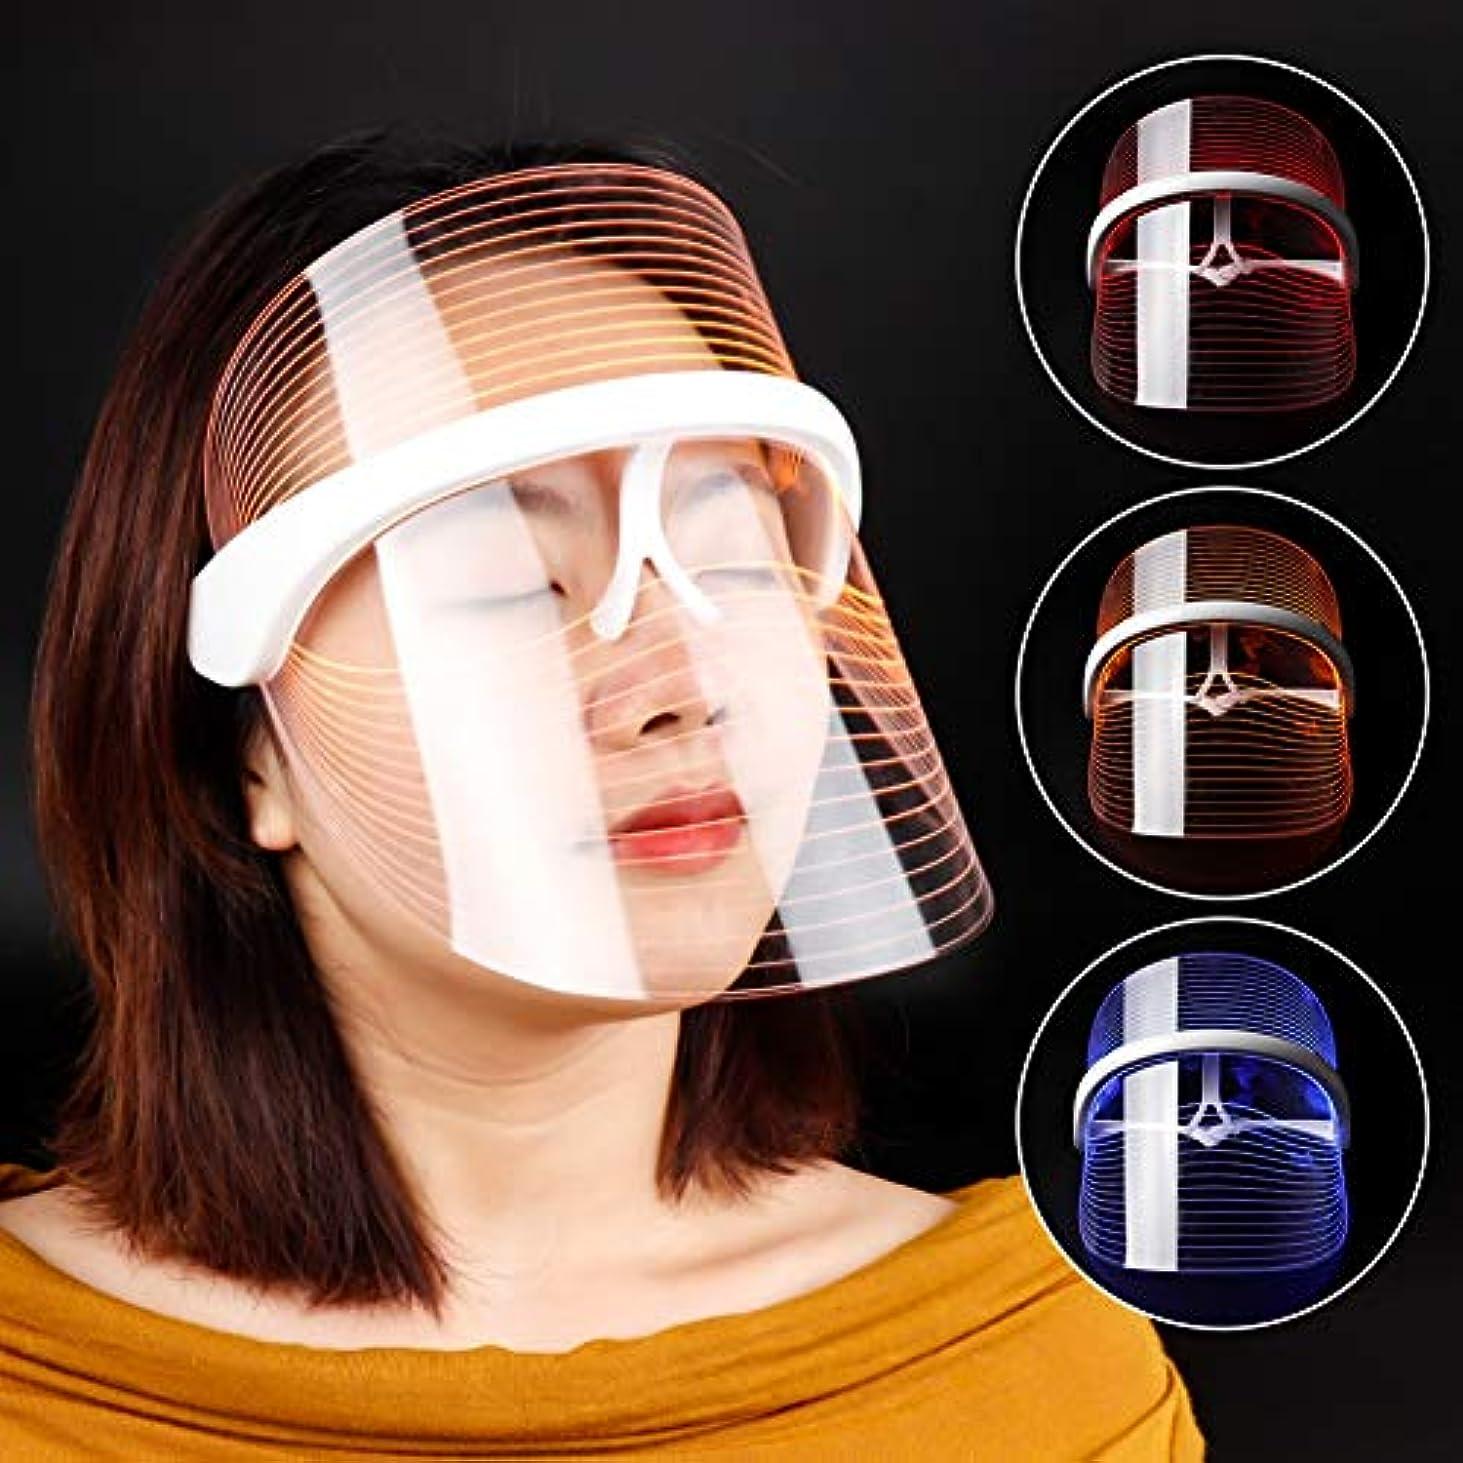 愛マキシム彫刻家3色LEDライトセラピーフェイスマスクアンチエイジングアンチリンクルビューティーツールフェイシャルスパインストゥルメントビューティーデバイススキンタイトニング